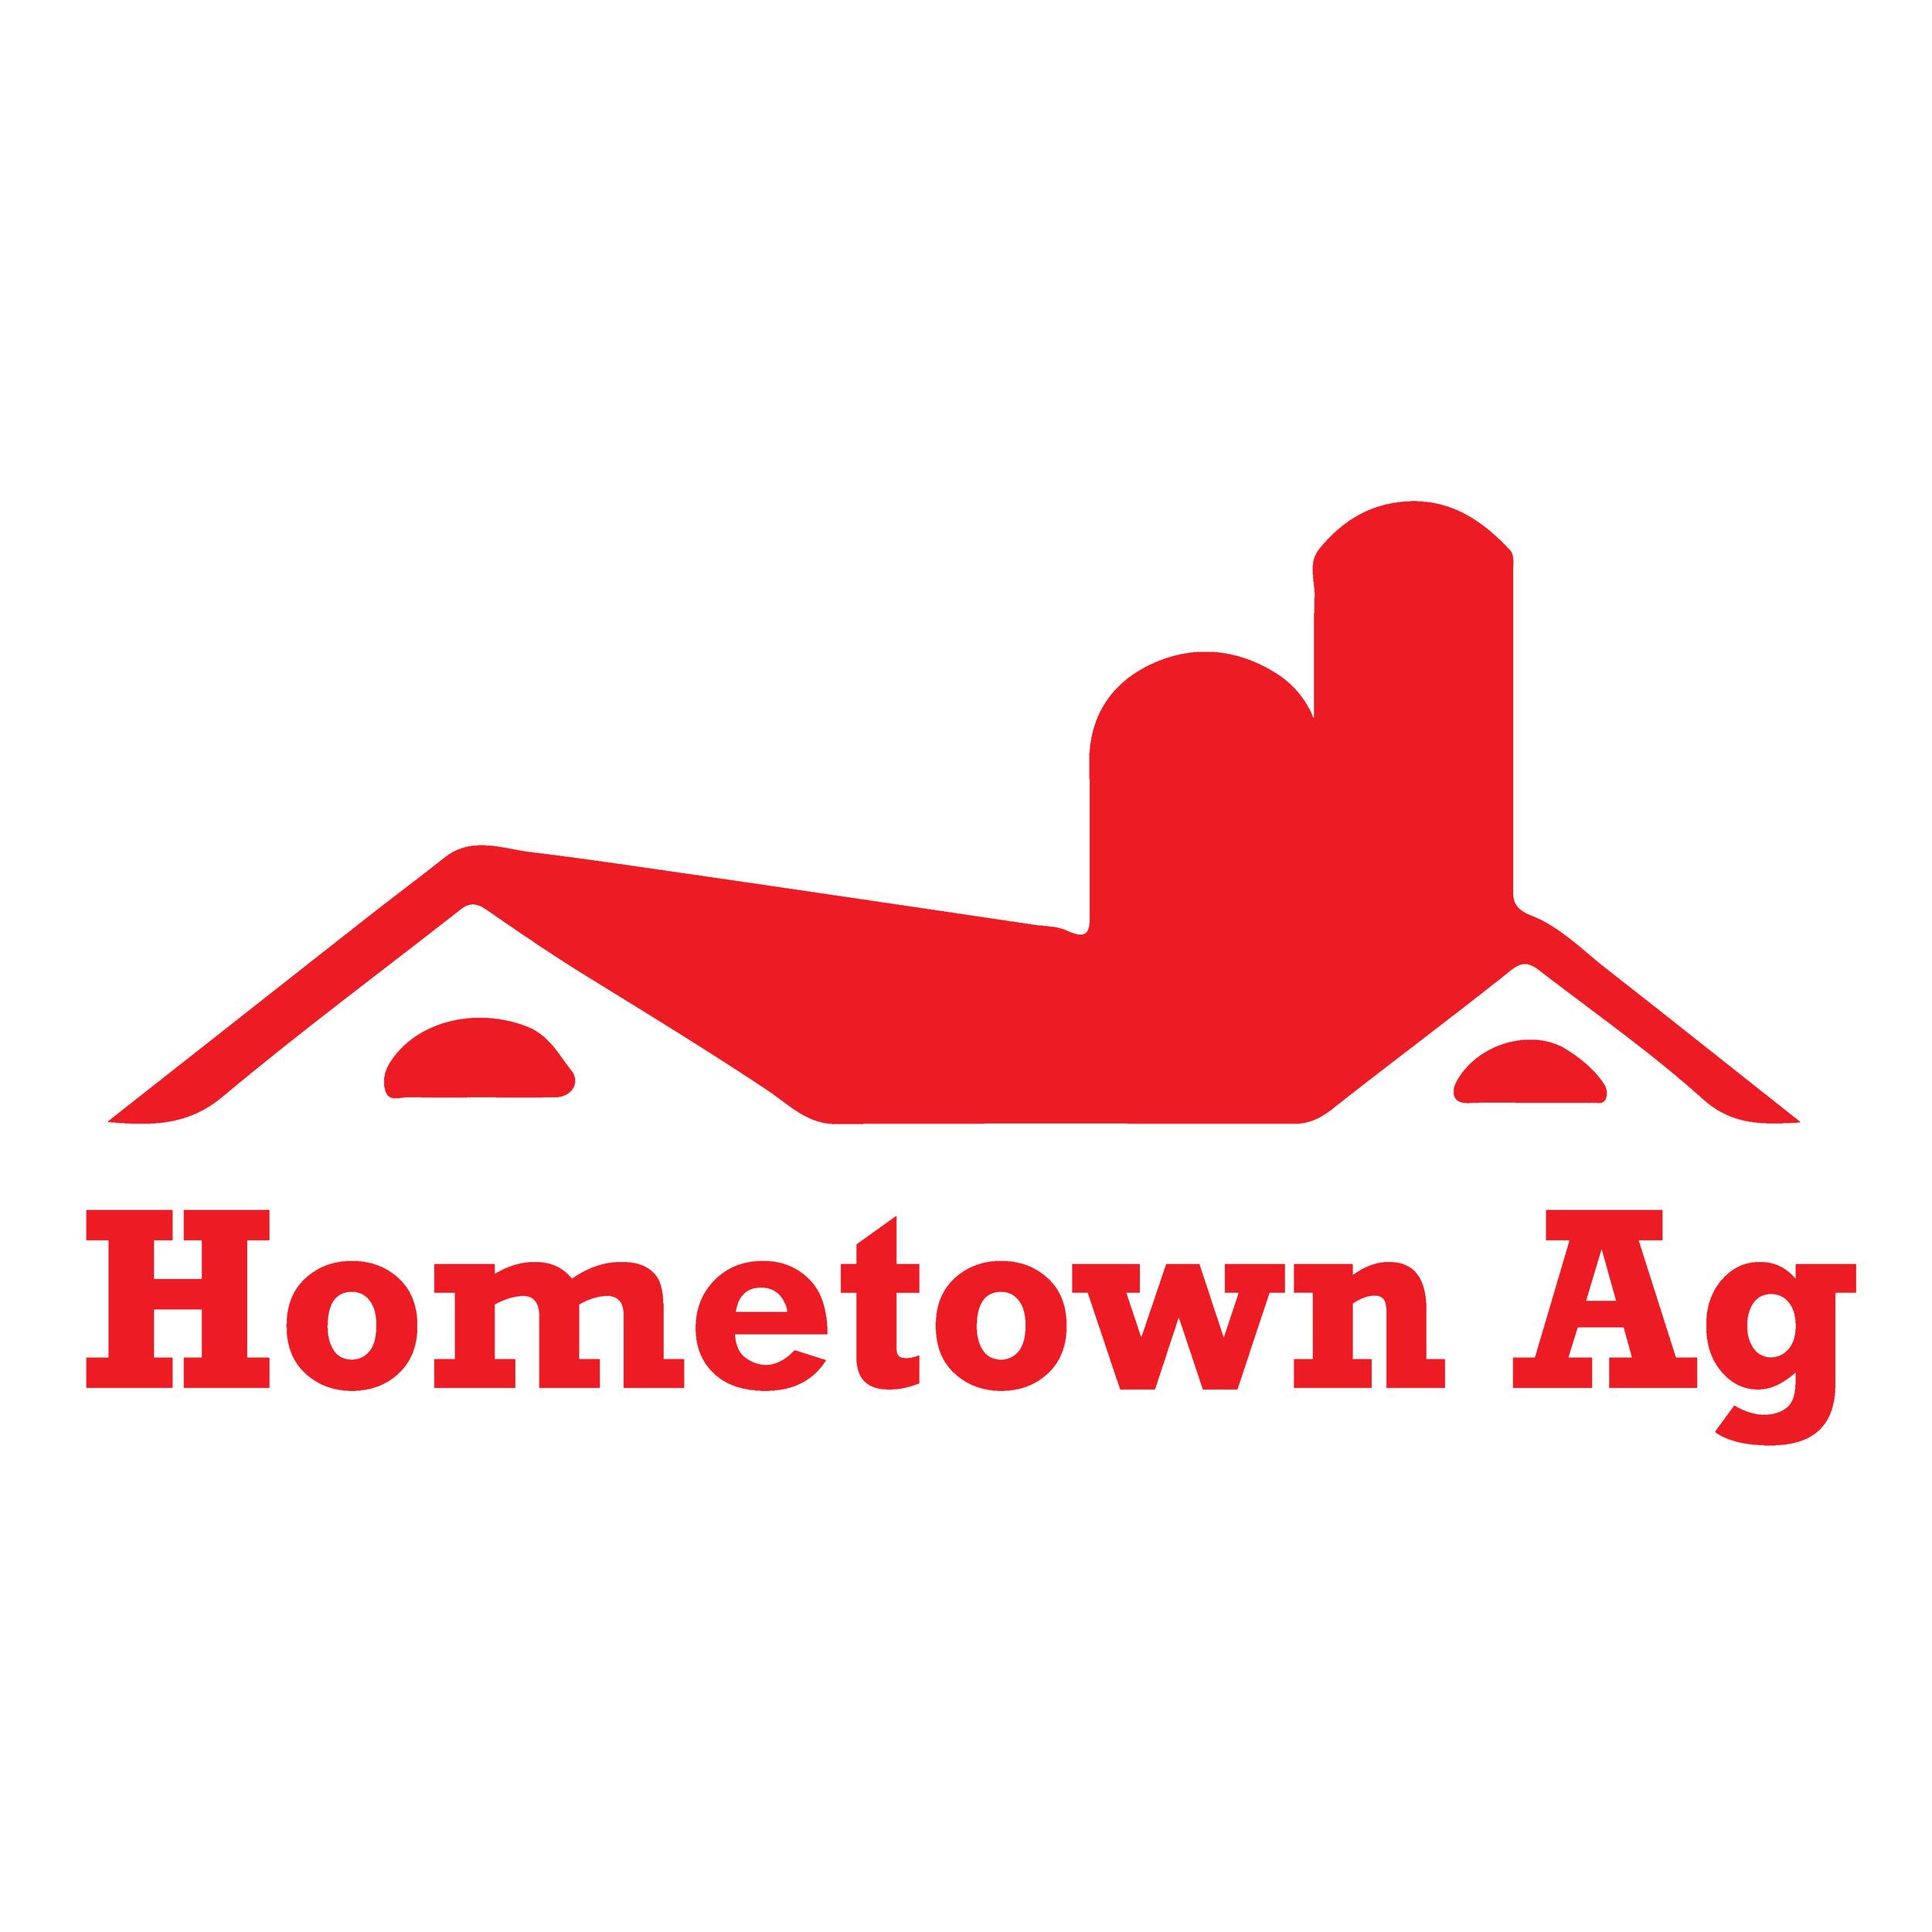 Hometown Ag logo 2.jpg